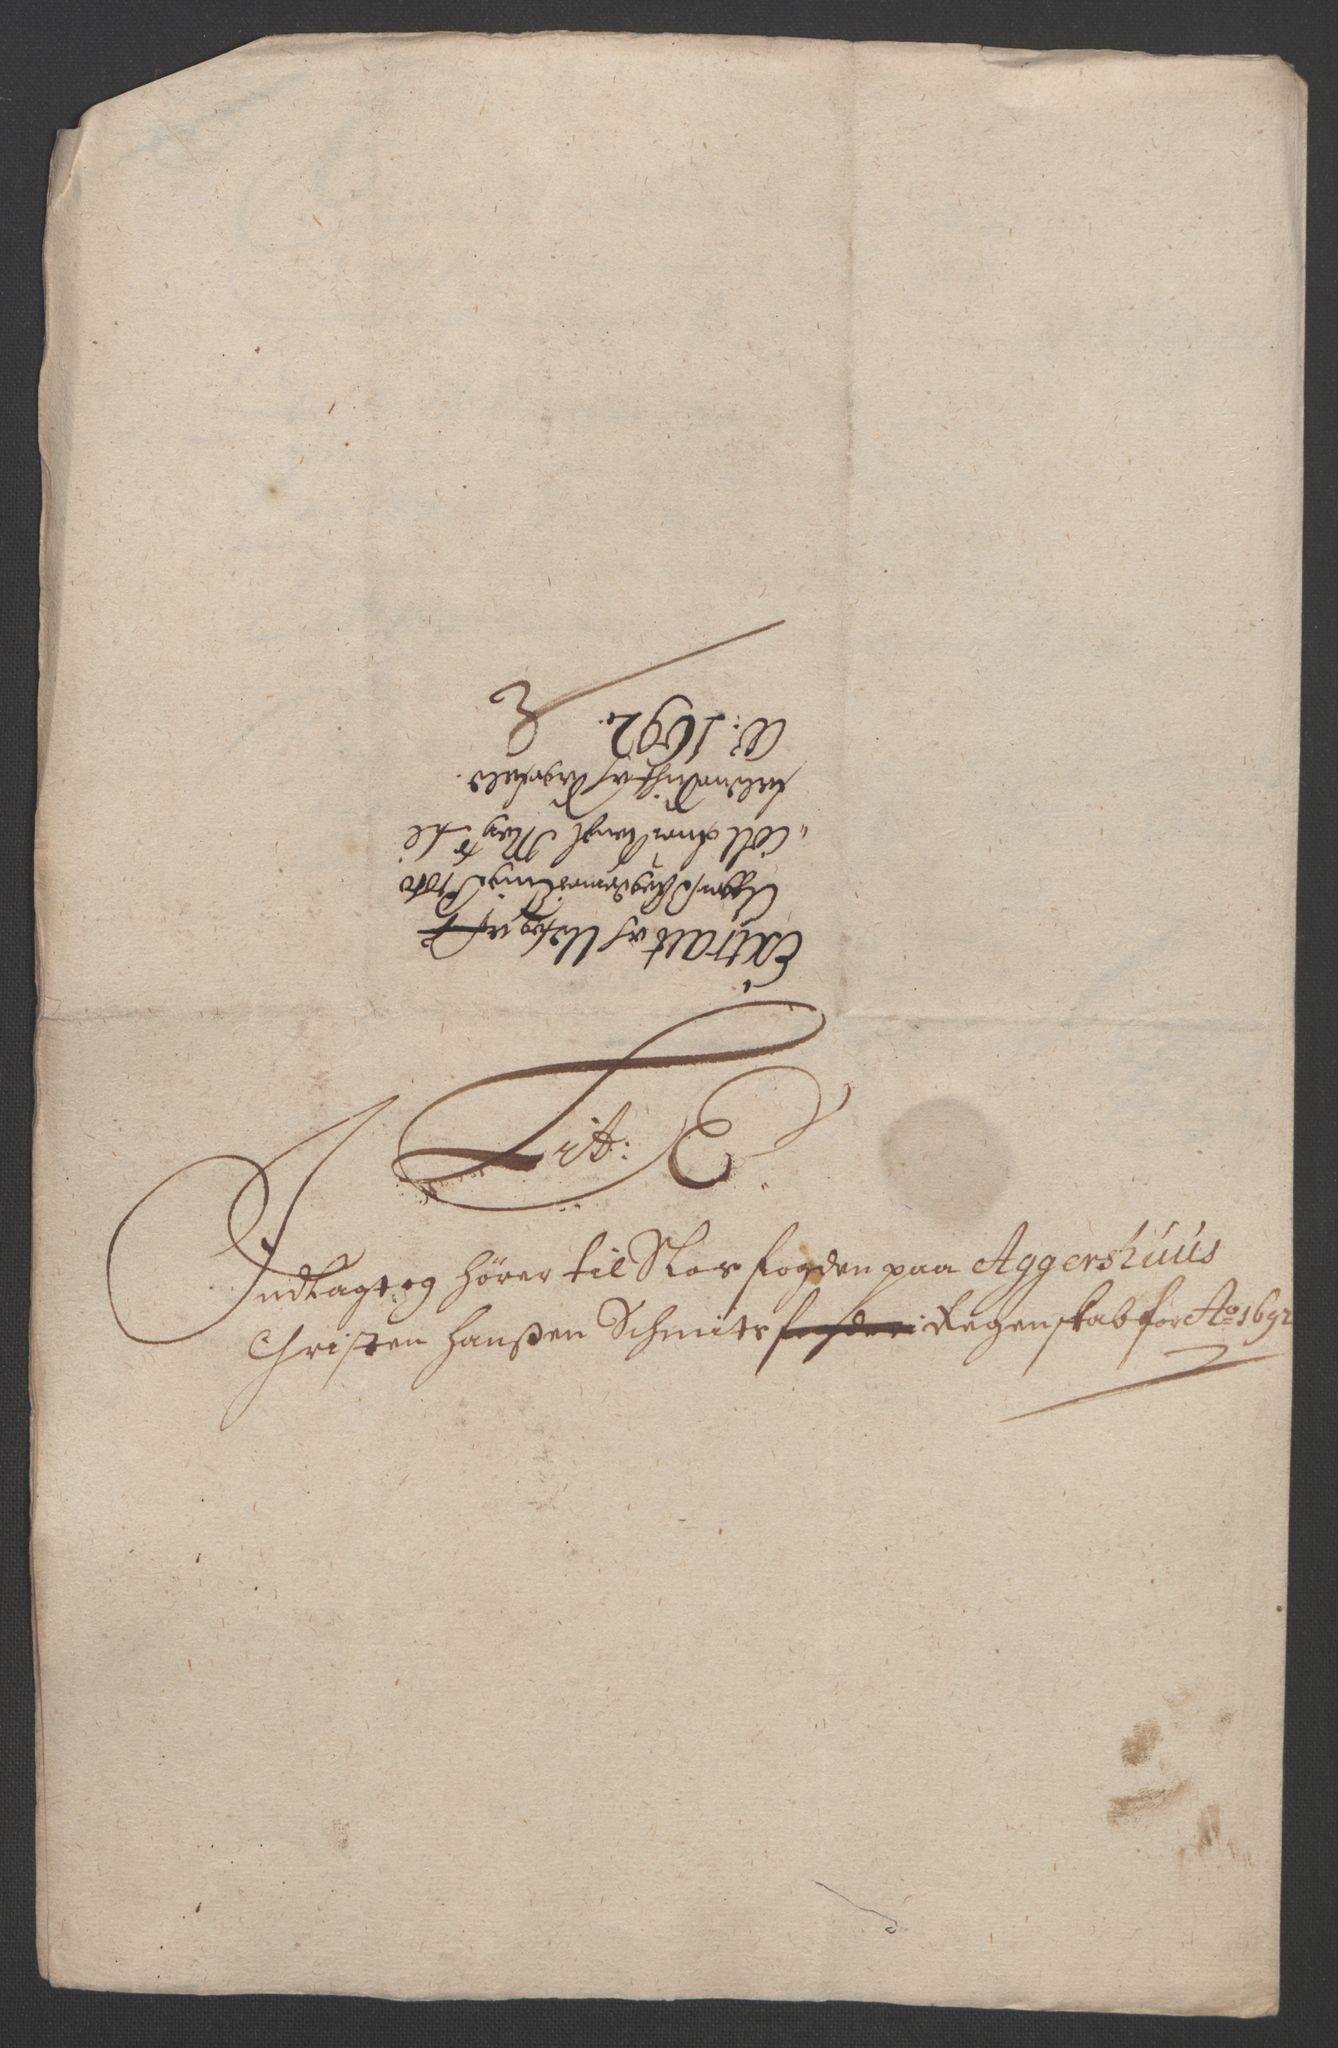 RA, Rentekammeret inntil 1814, Reviderte regnskaper, Fogderegnskap, R08/L0426: Fogderegnskap Aker, 1692-1693, s. 85